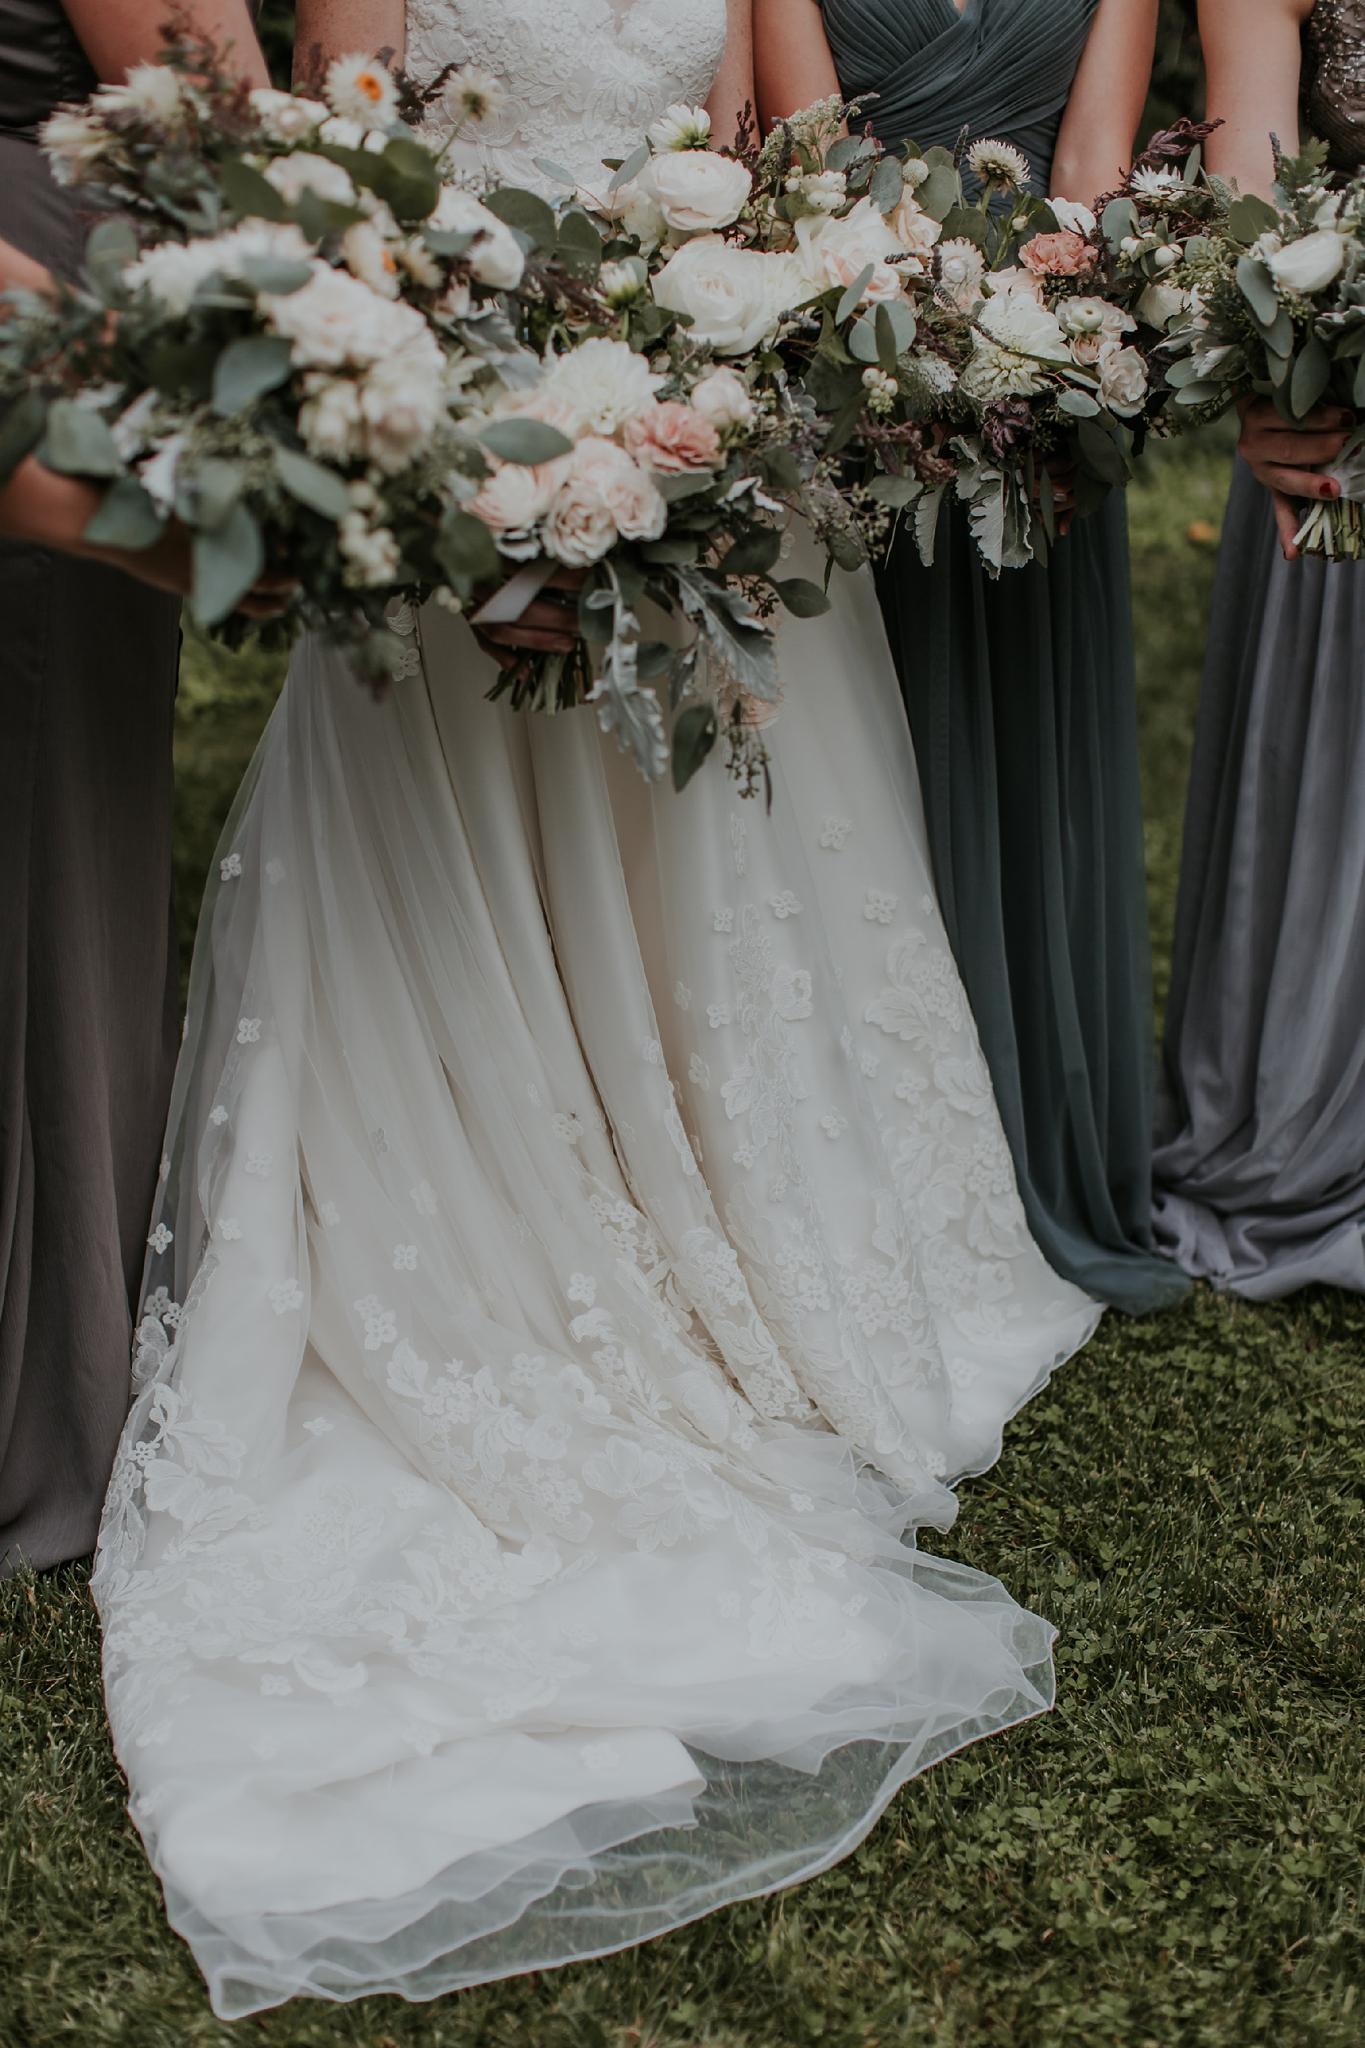 Alicia+lucia+photography+-+albuquerque+wedding+photographer+-+santa+fe+wedding+photography+-+new+mexico+wedding+photographer+-+new+mexico+florist+-+wedding+florist+-+renegade+floral_0078.jpg